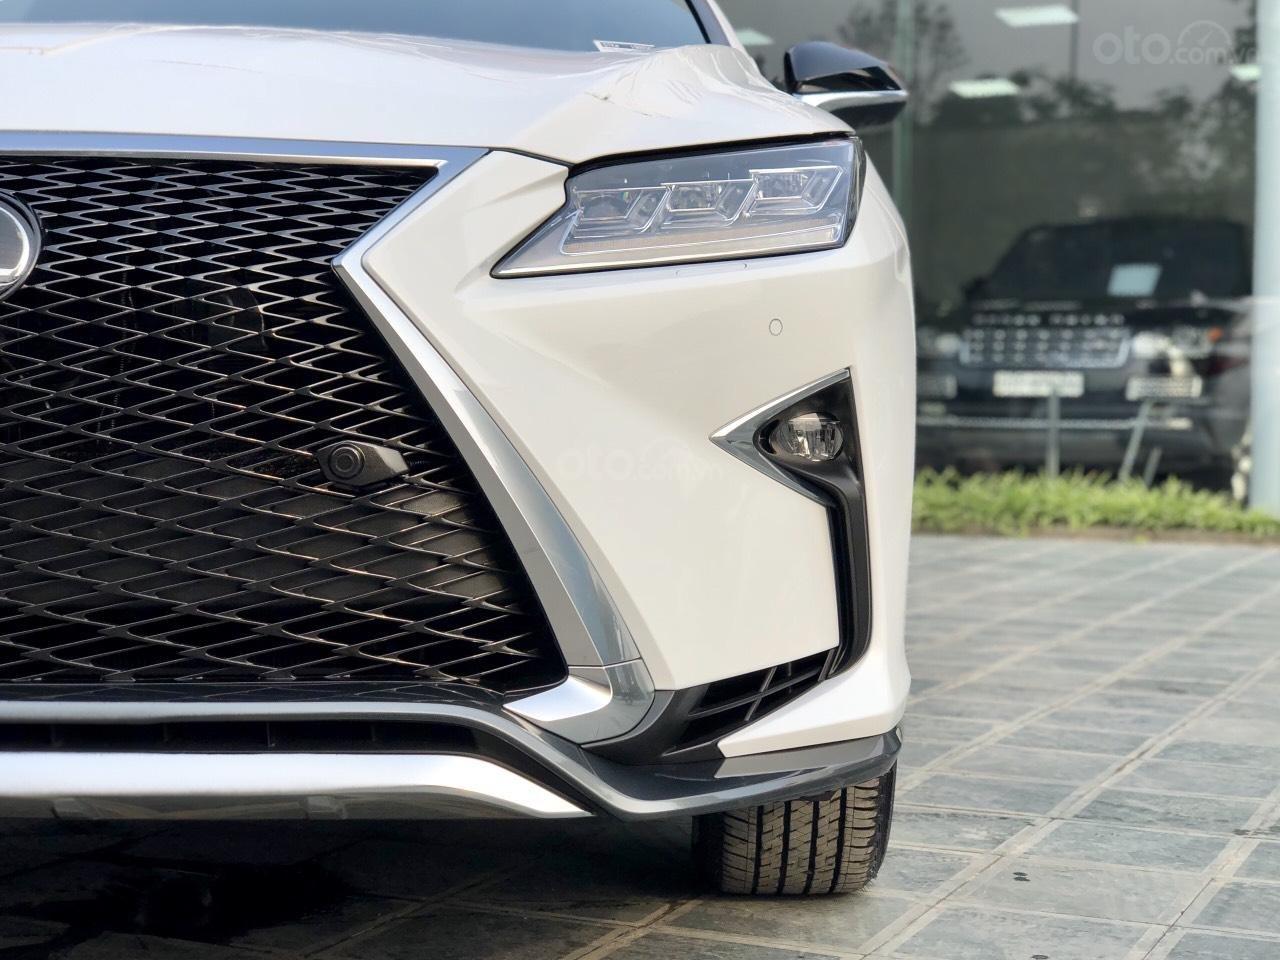 Bán Lexus RX Fsport sản xuất năm 2019, xe nhập Mỹ LH 0945.39.2468 Ms Hương (5)